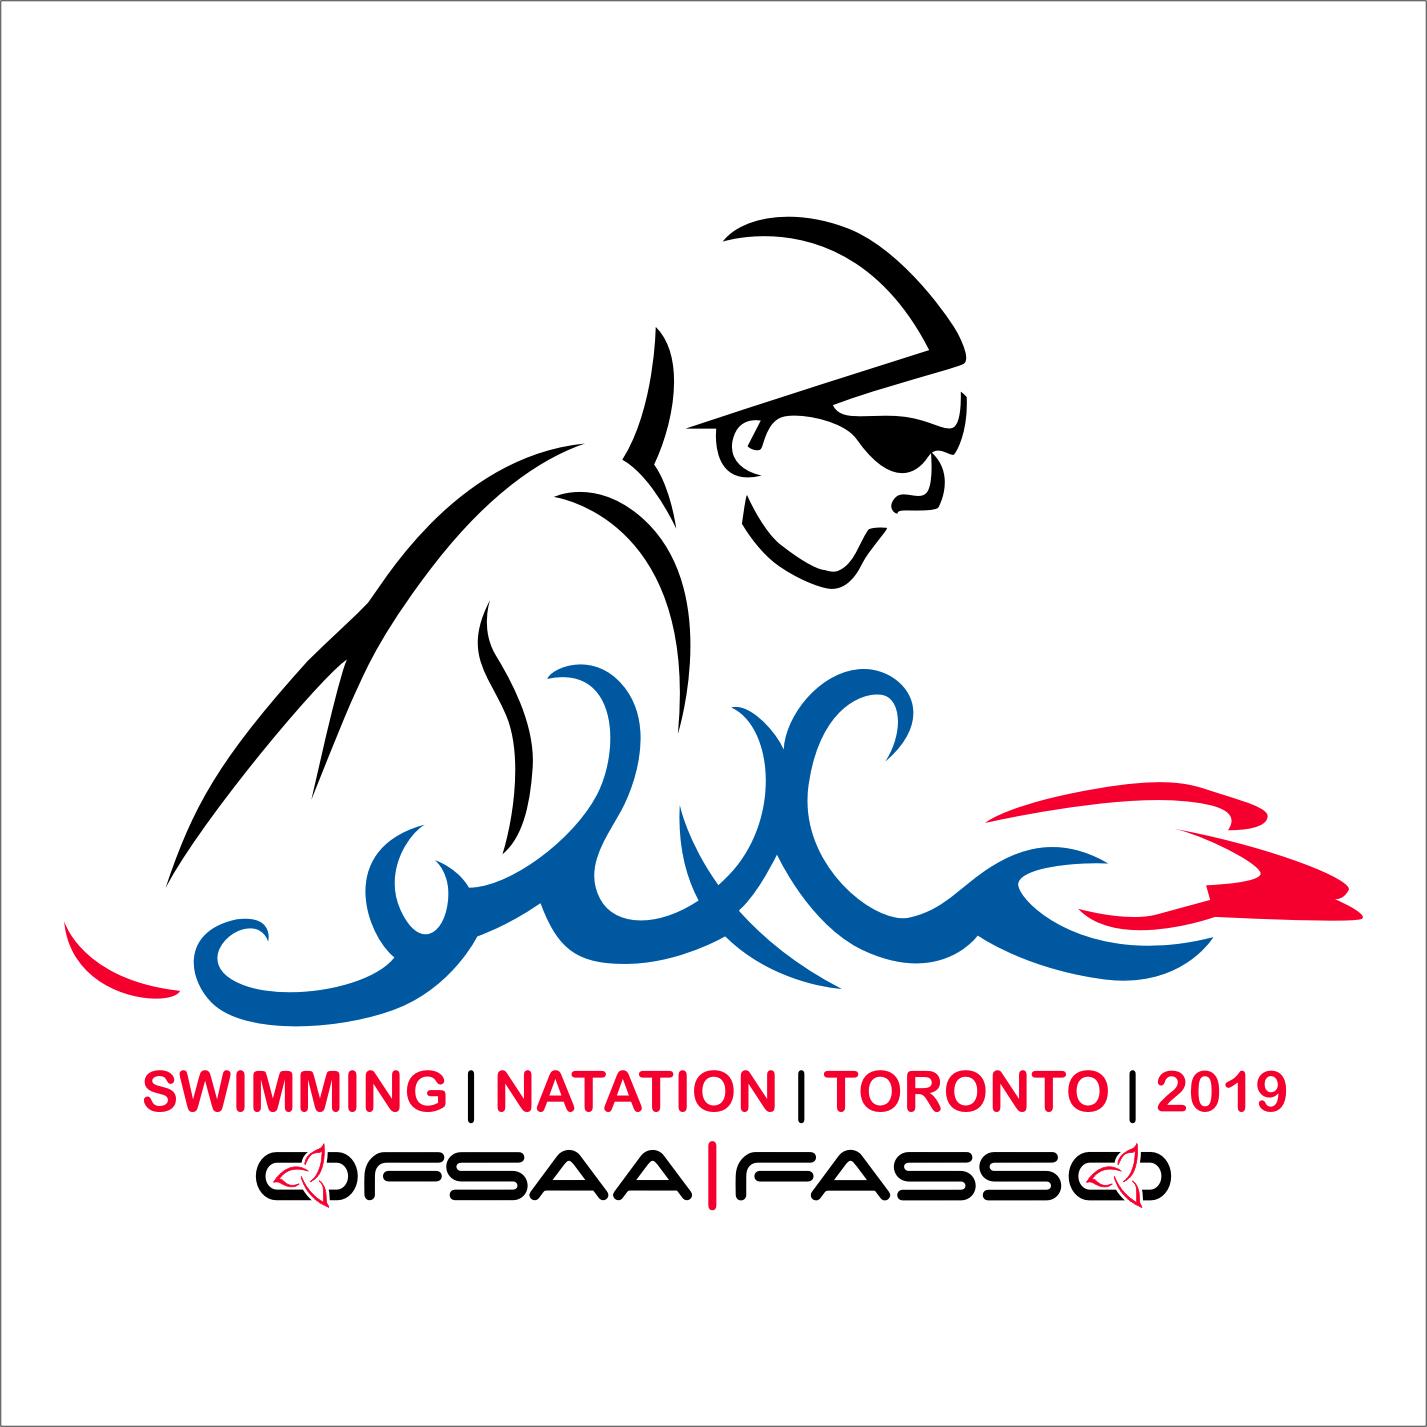 2019 Swim logo white.jpg